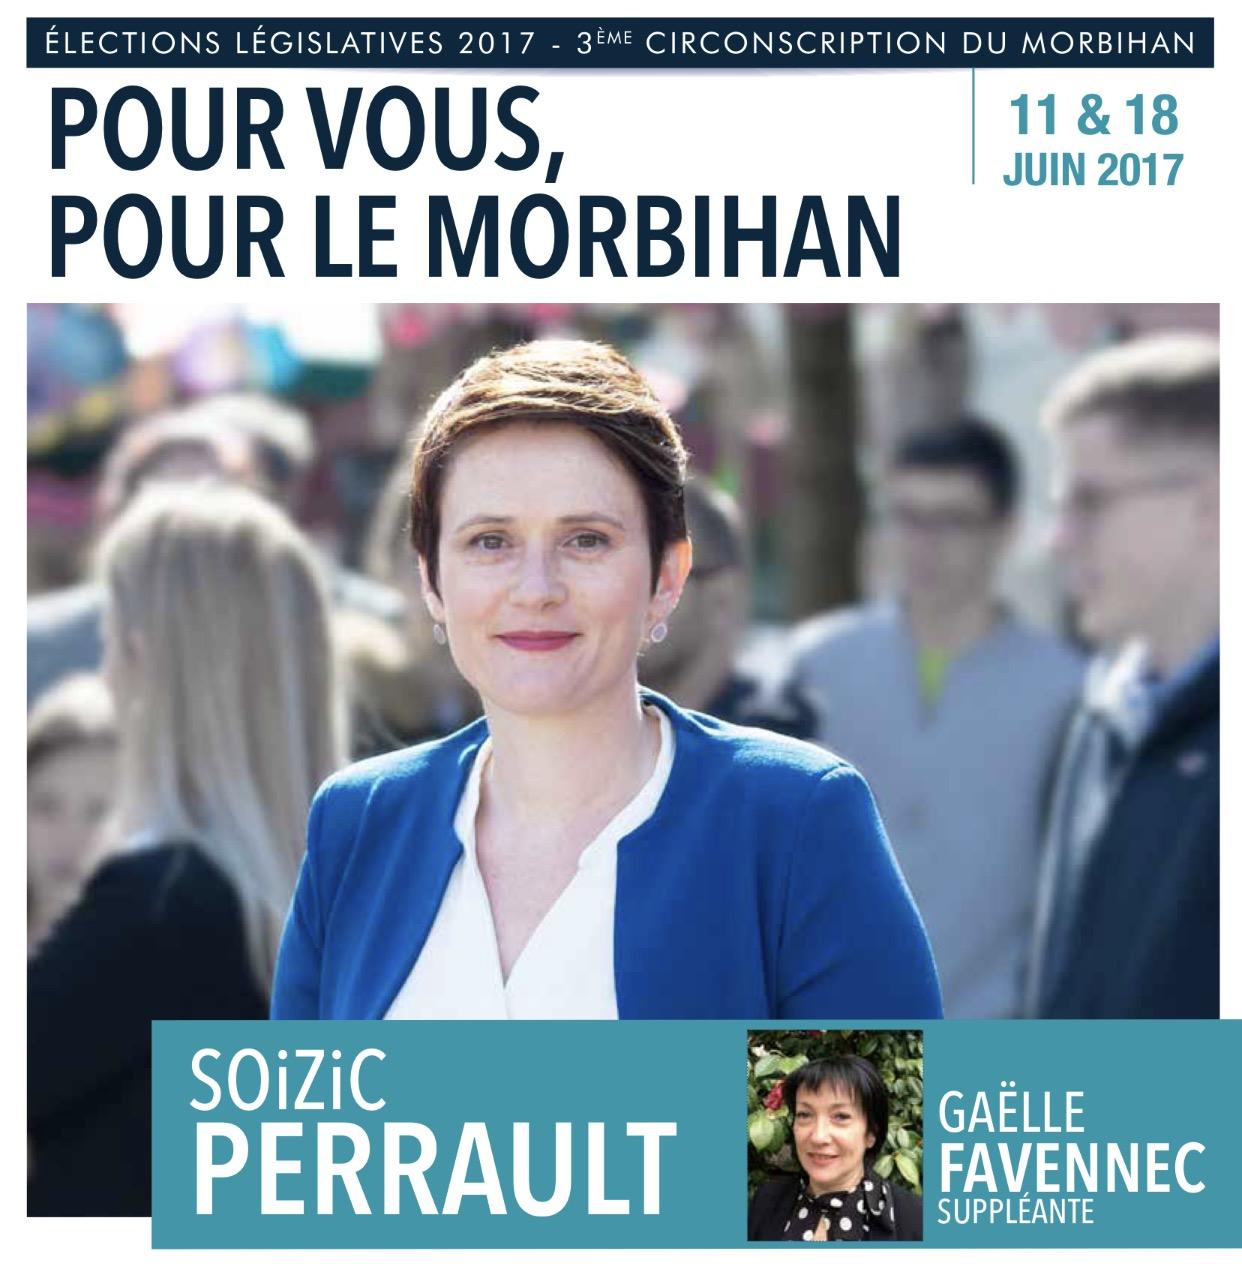 Une majorité pour la France : union de la droite et du centre